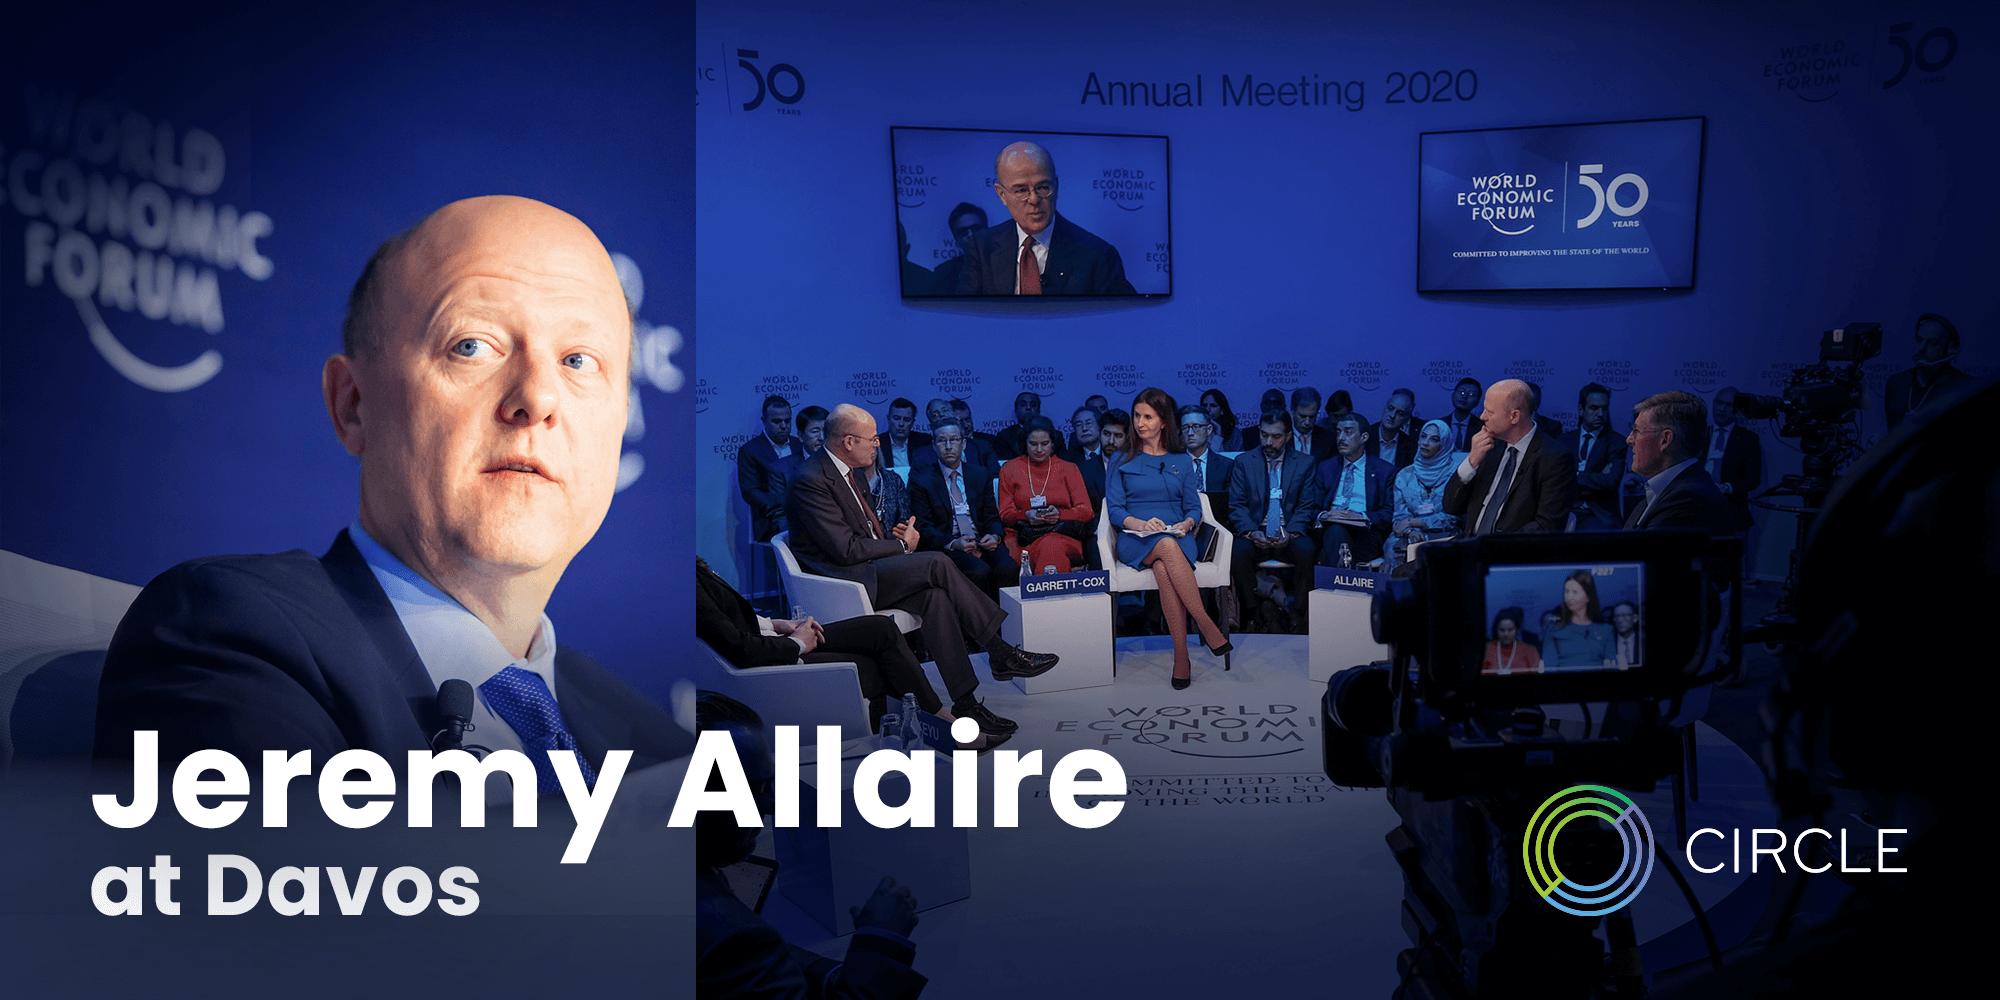 Davos 2020 — Crypto & Stablecoins Move into Acceptance Phase